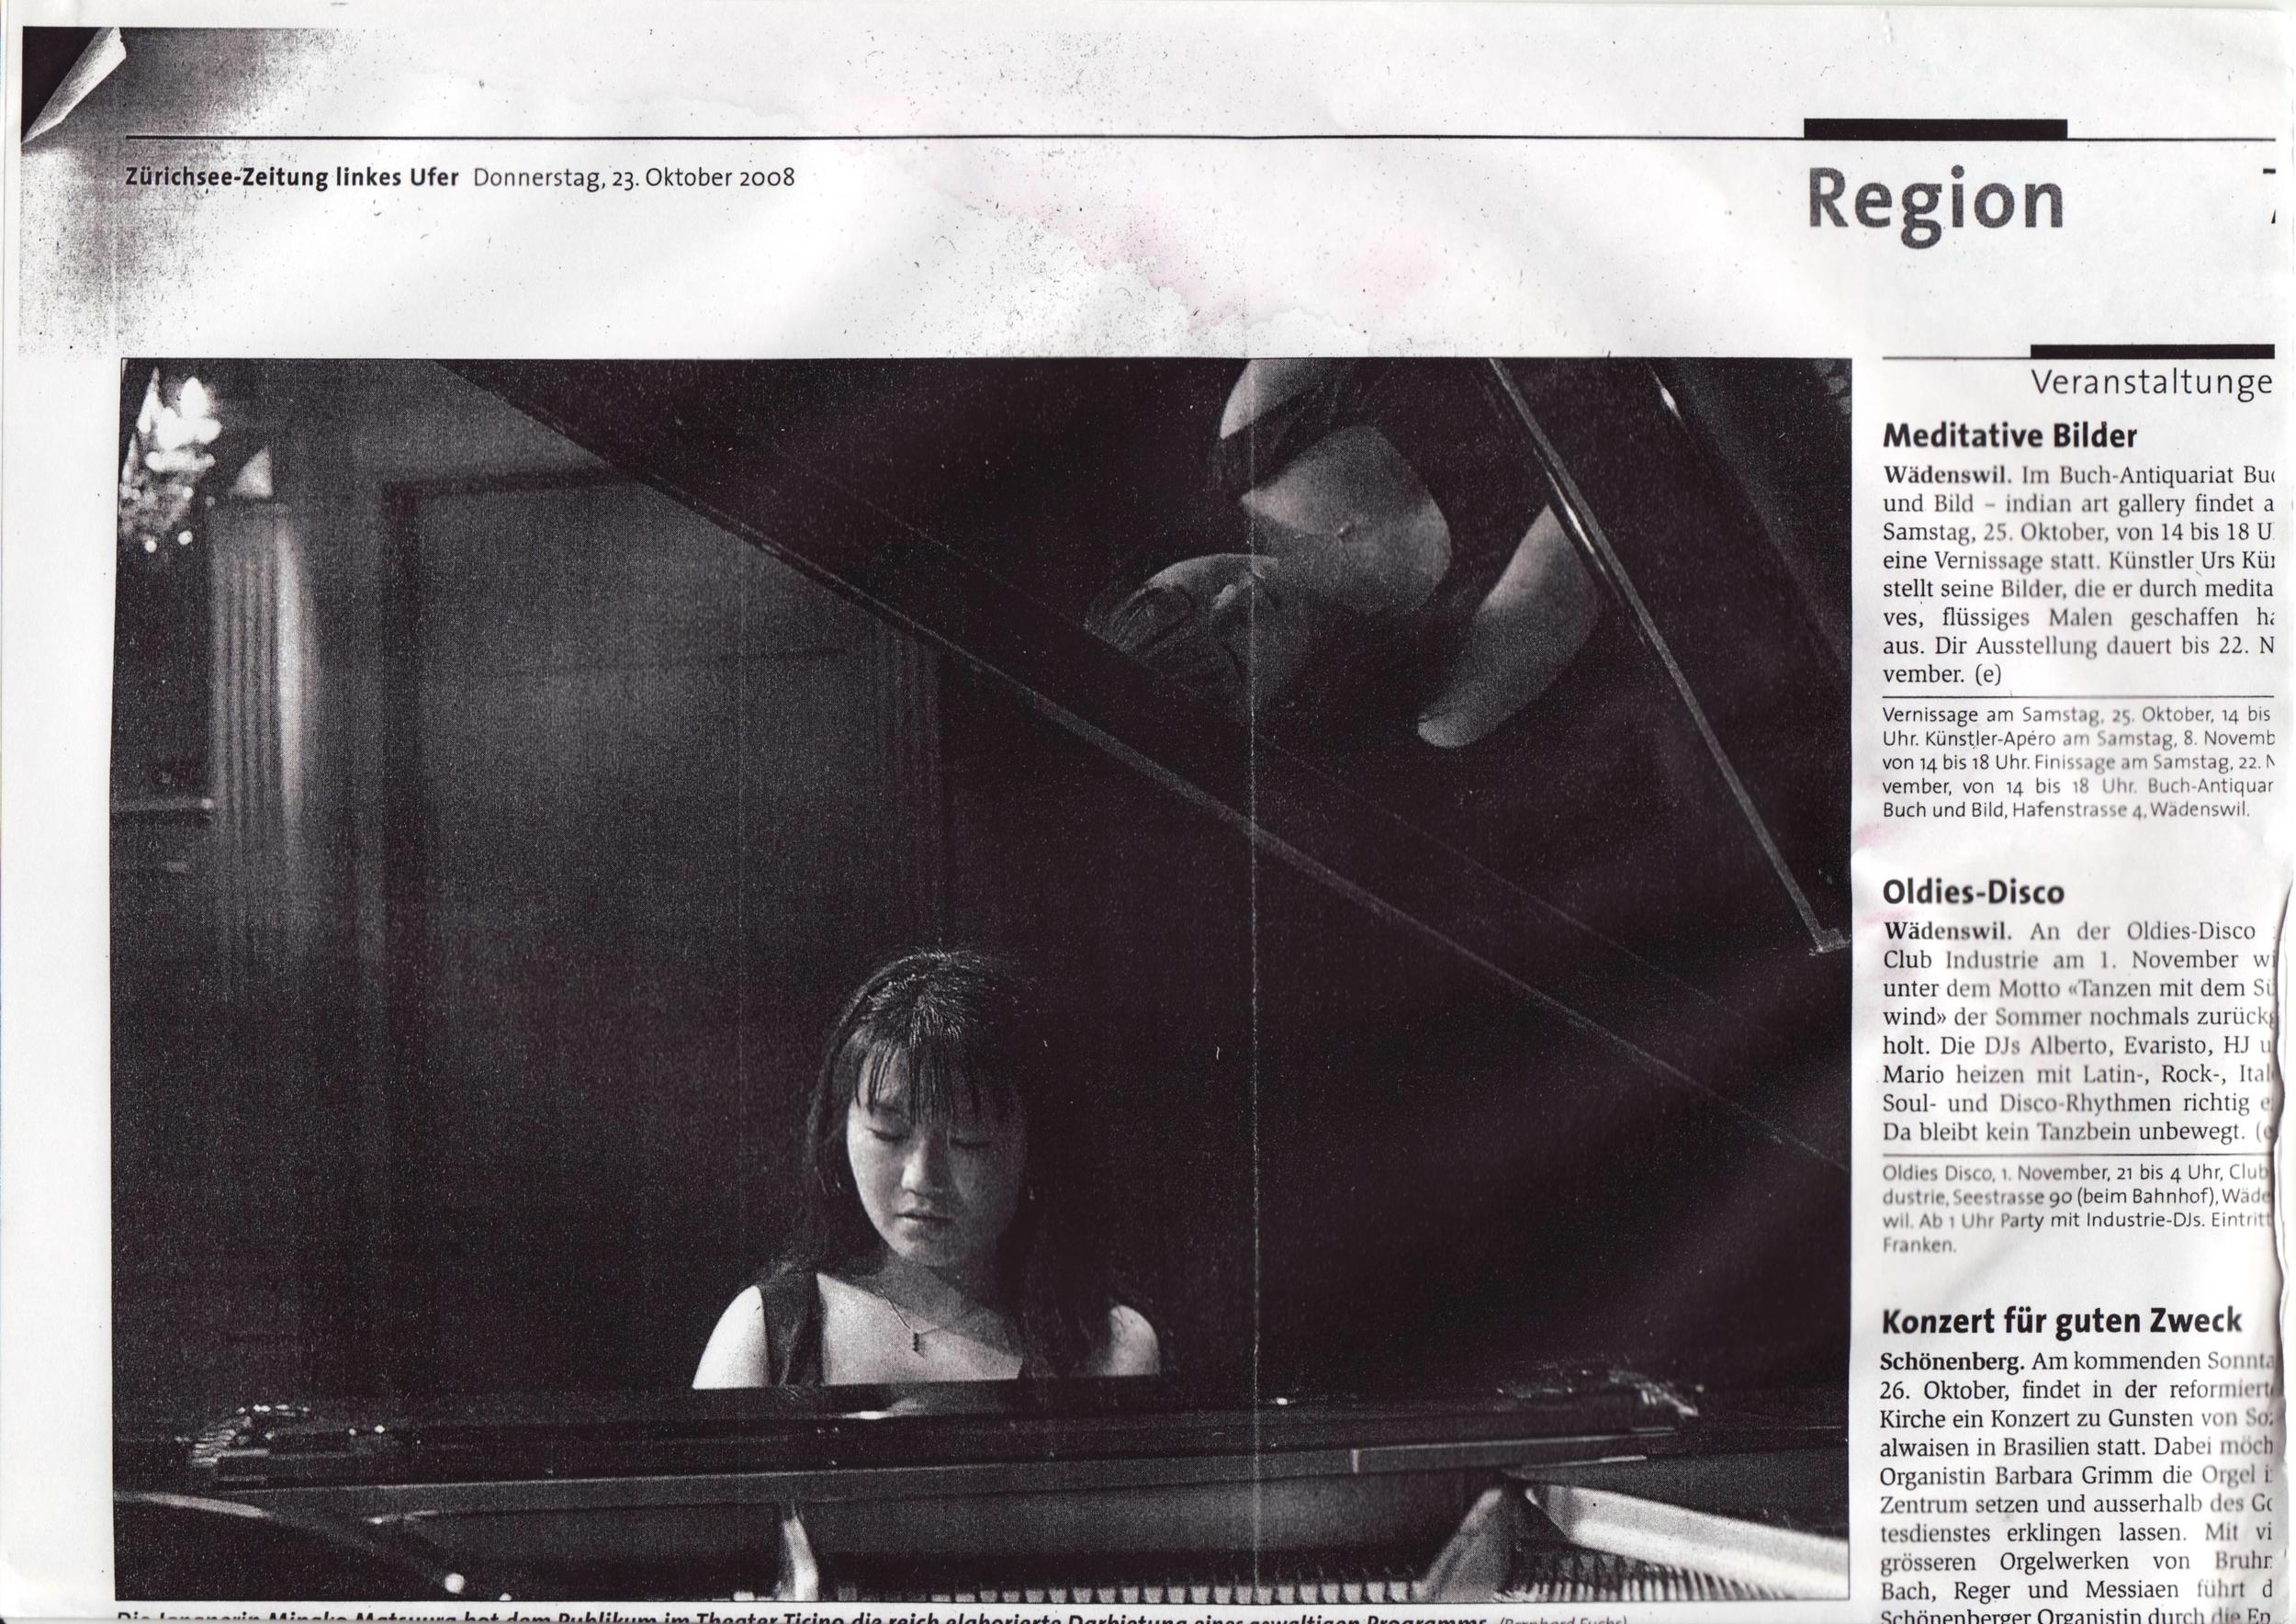 Zürichsee Zeitung 23.Oktober 2008 (Picture).jpg